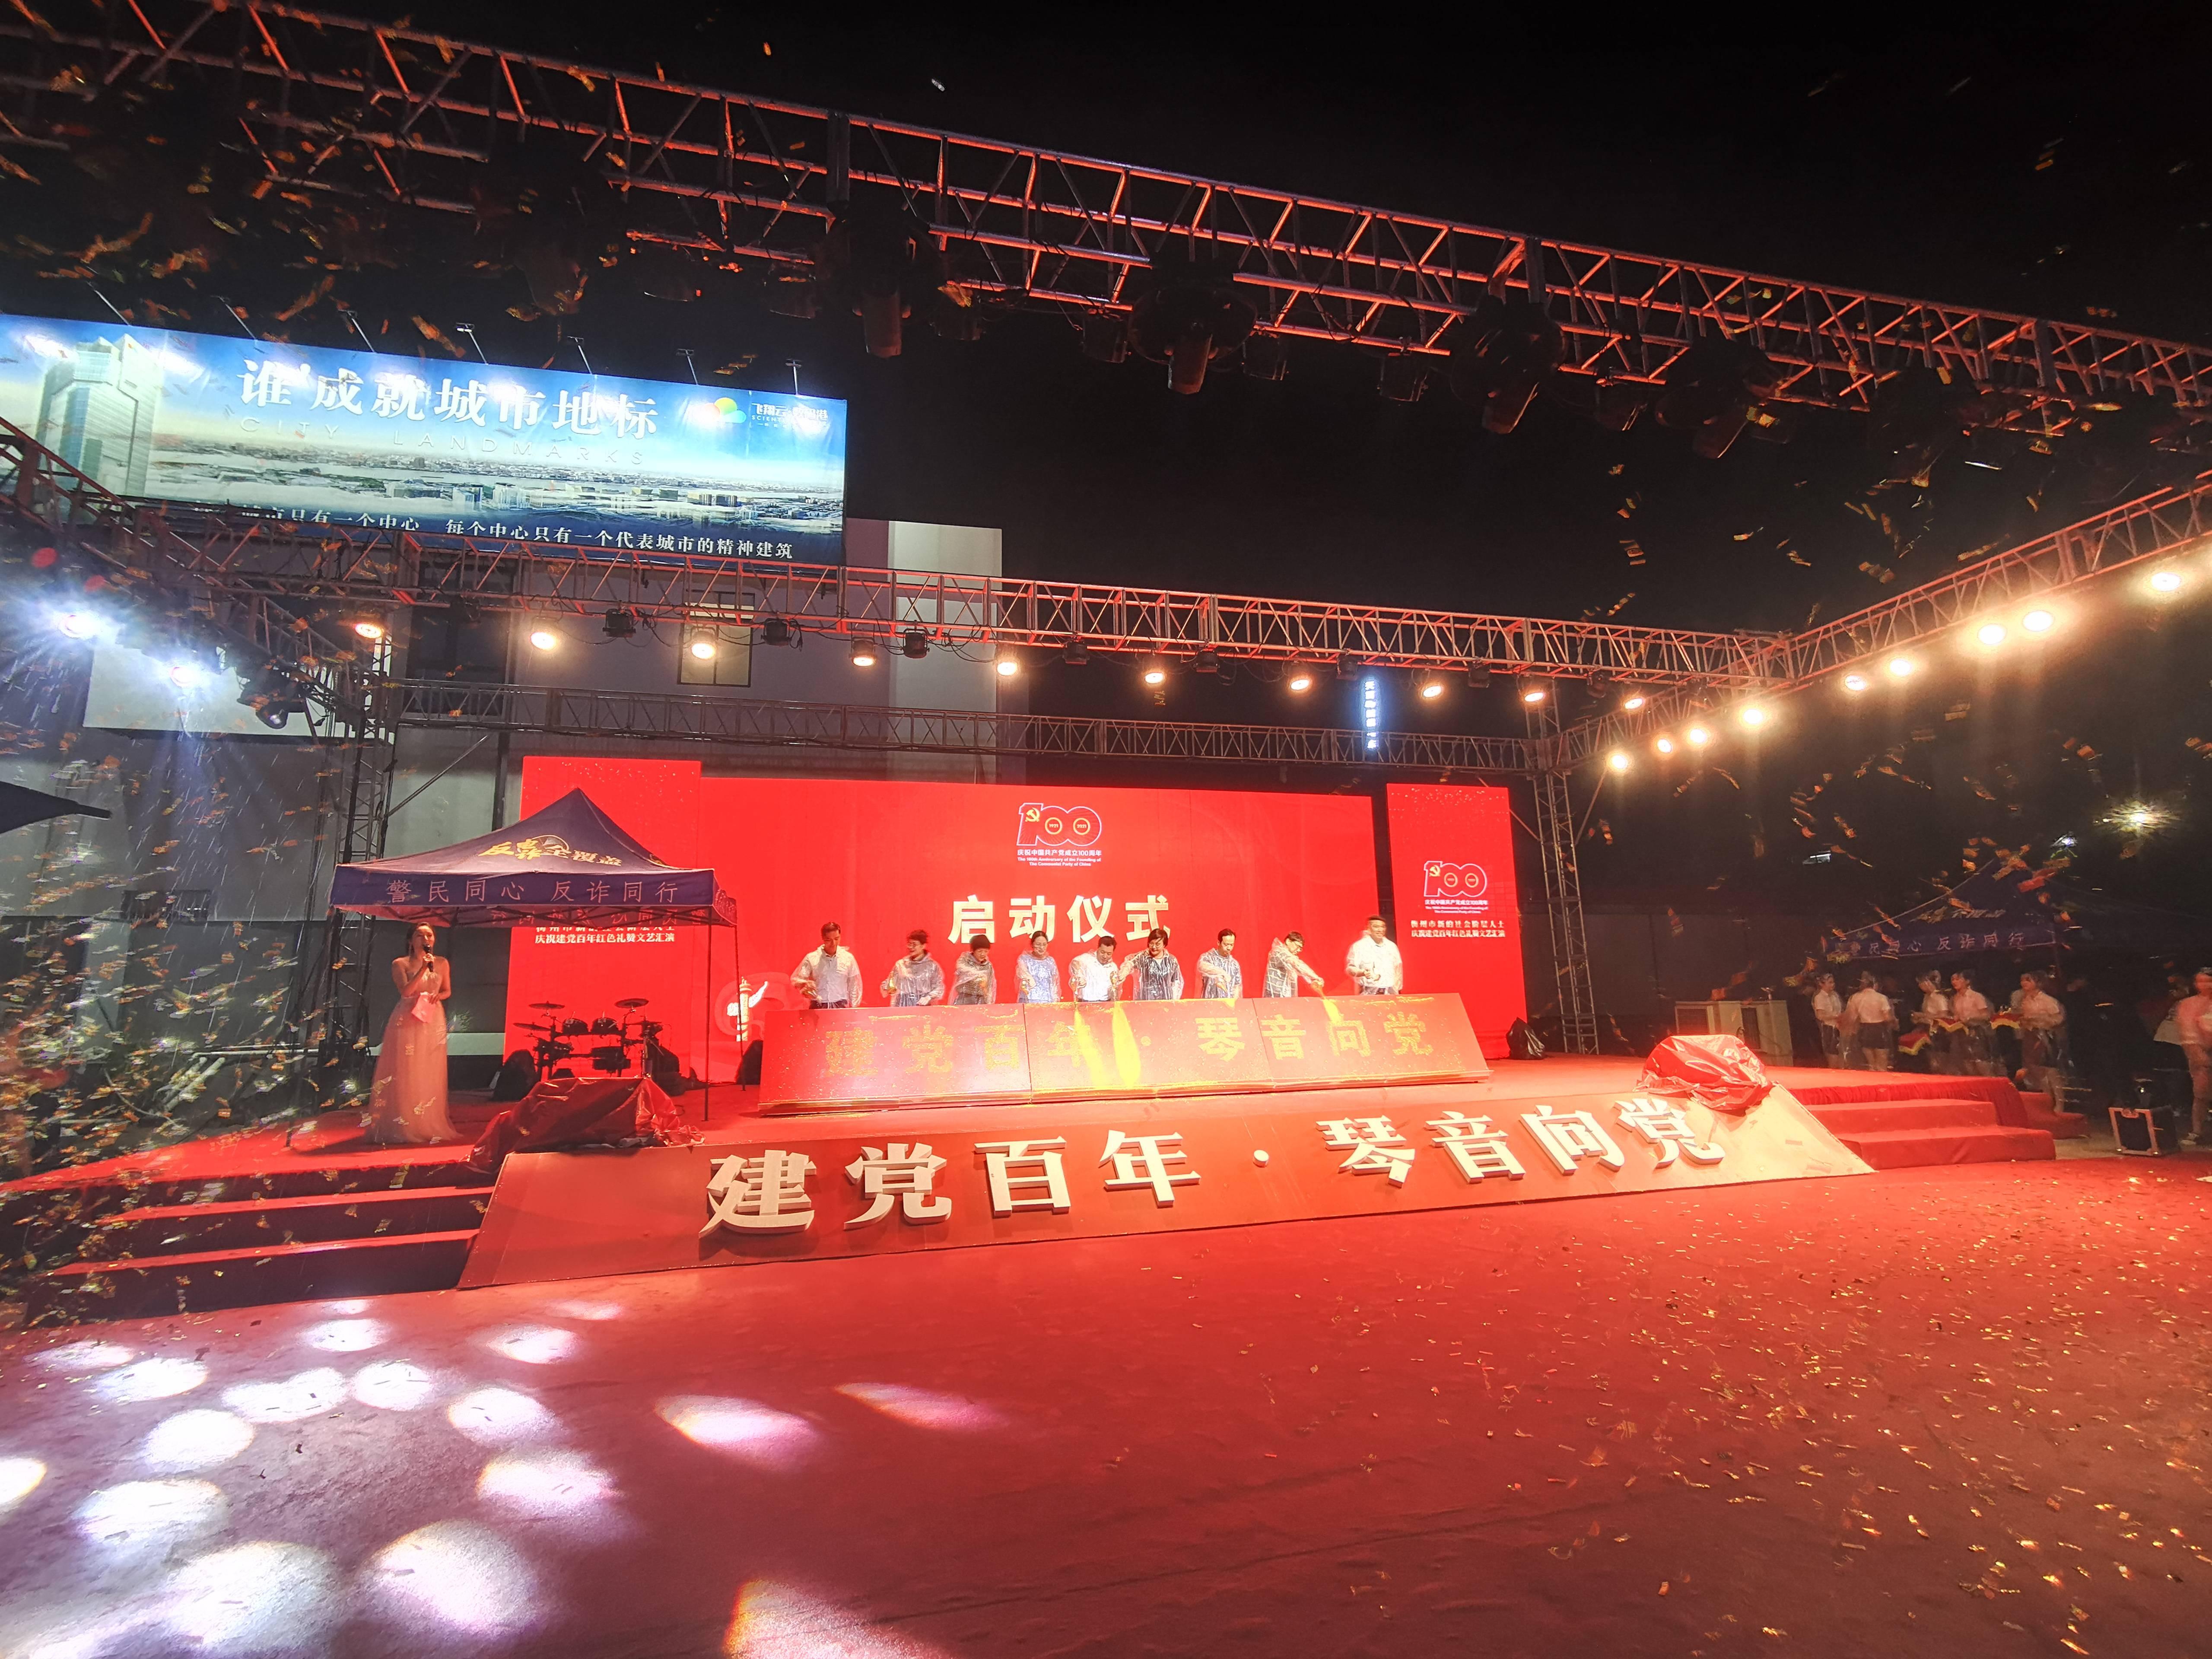 梅州无人机表演不同角度照片效果,梦之星家族高歌献礼祖国!